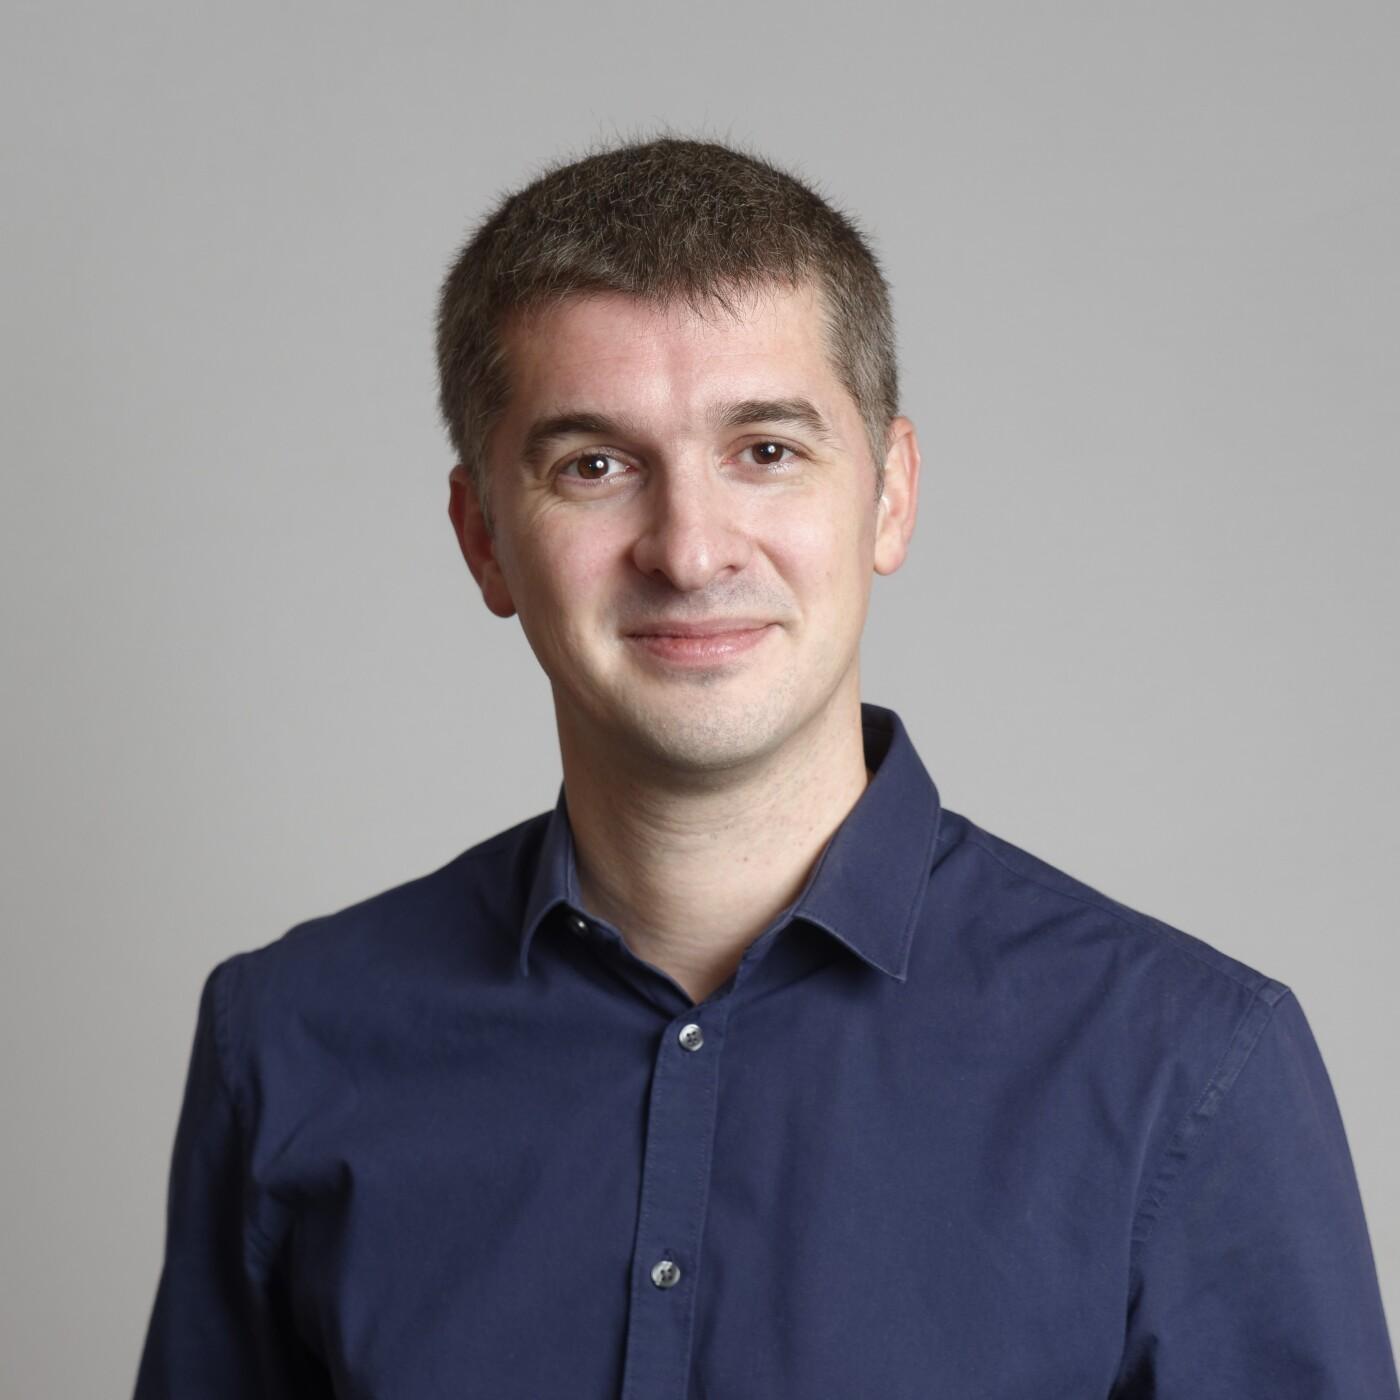 Exclusif - Gérer un datacenter, c'est gérer un risque - Arnaud de Bermingham, Scaleway